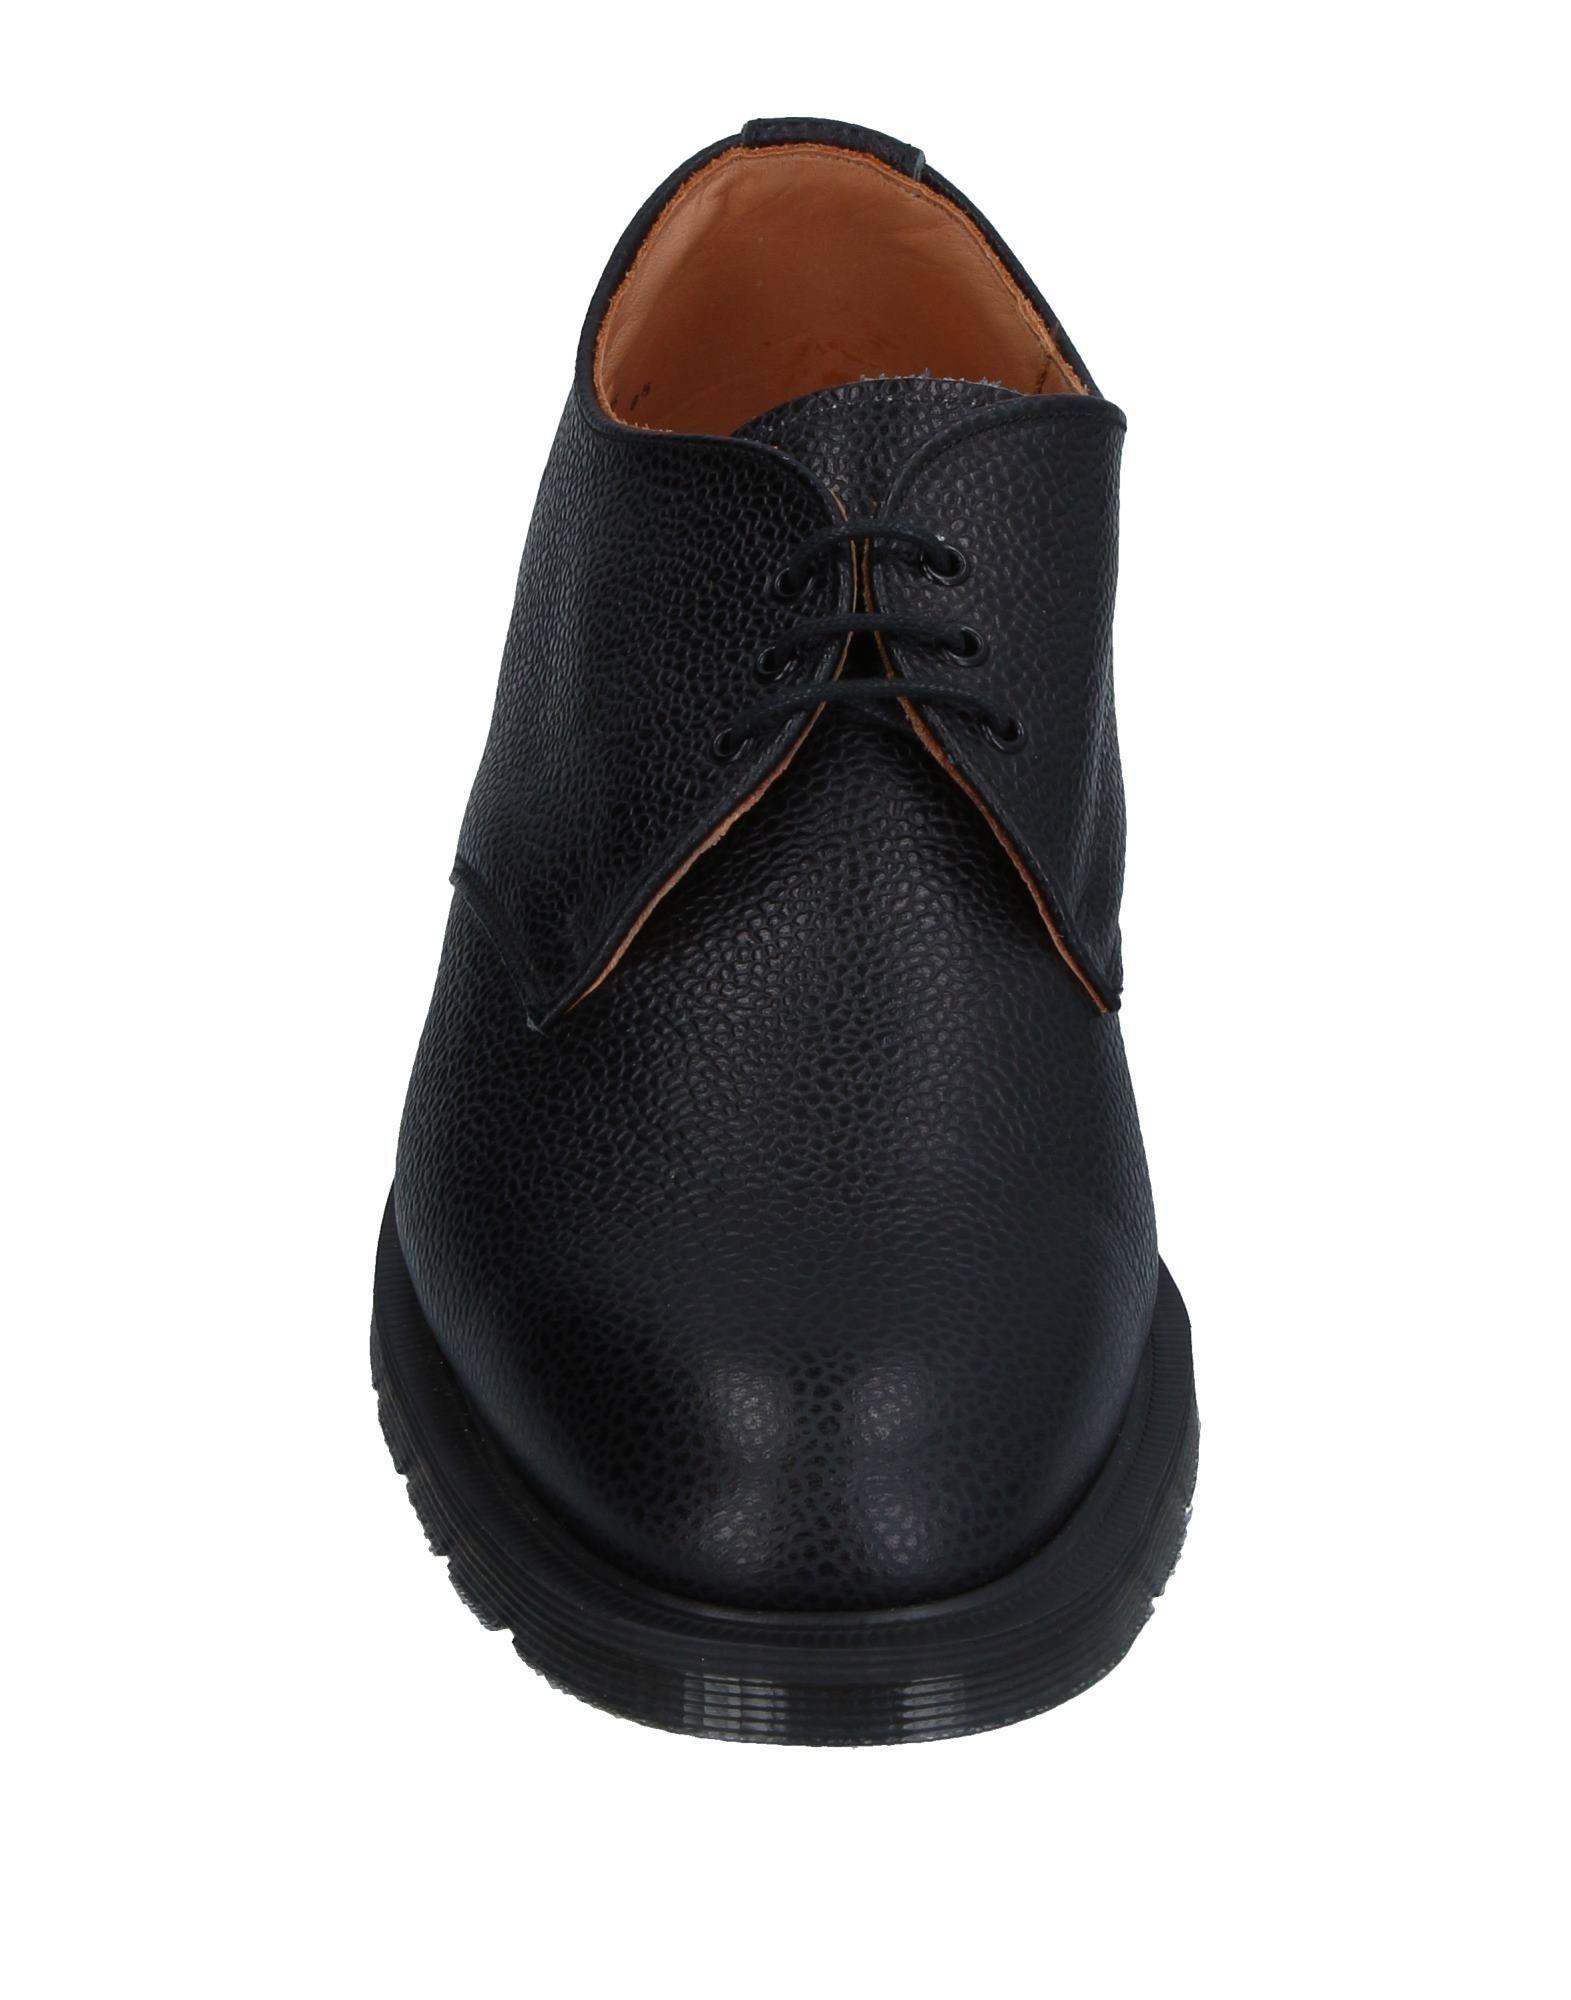 Solovair 1881 Schnürschuhe Herren    11297184JD Neue Schuhe b2fd49